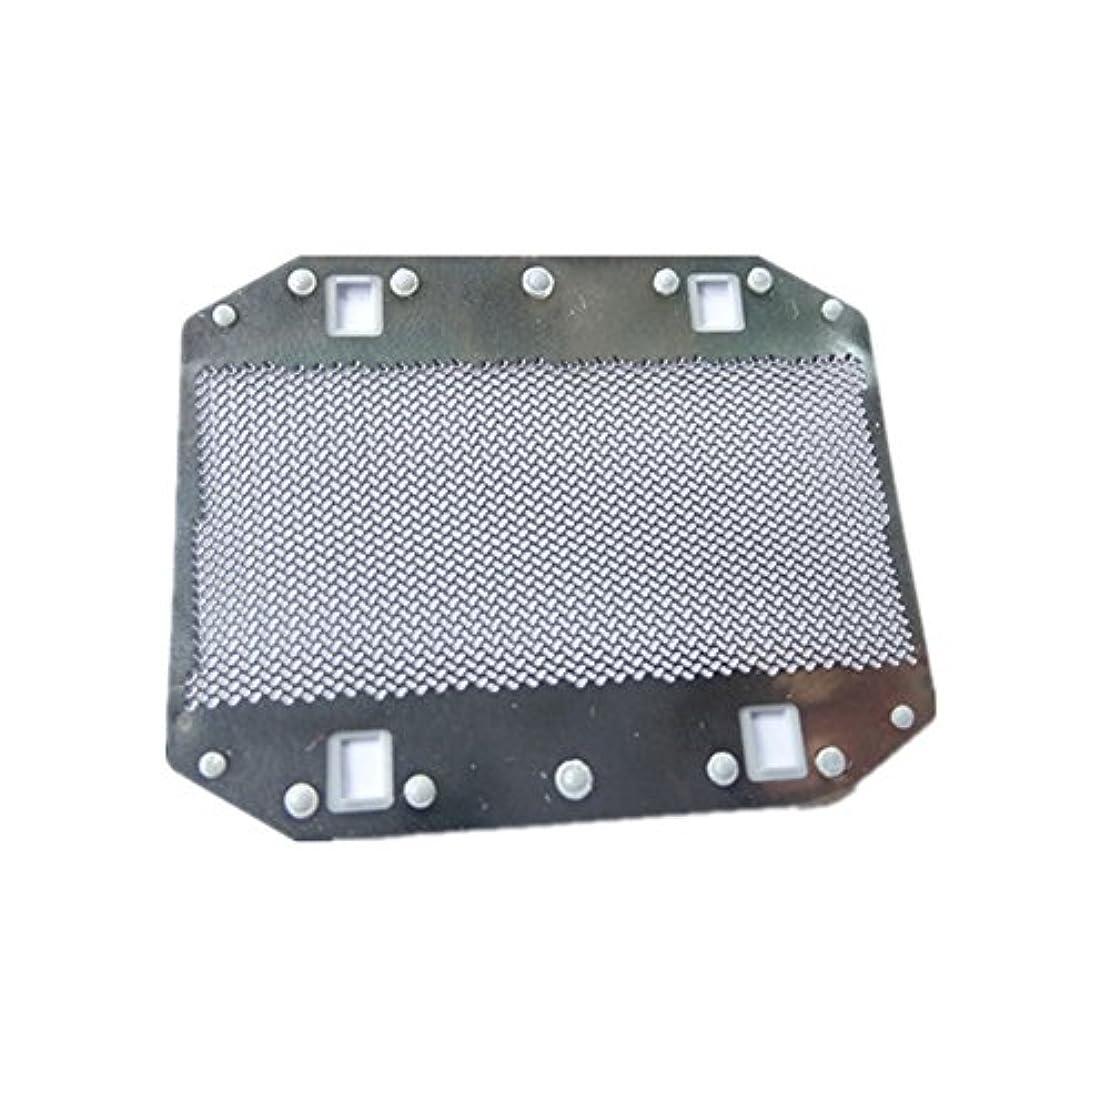 素晴らしいハウジングマトリックスHZjundasi シェーバー剃刀 Outer ホイル for Panasonic ES3050/376/317/RC40/RP20 ES9943C